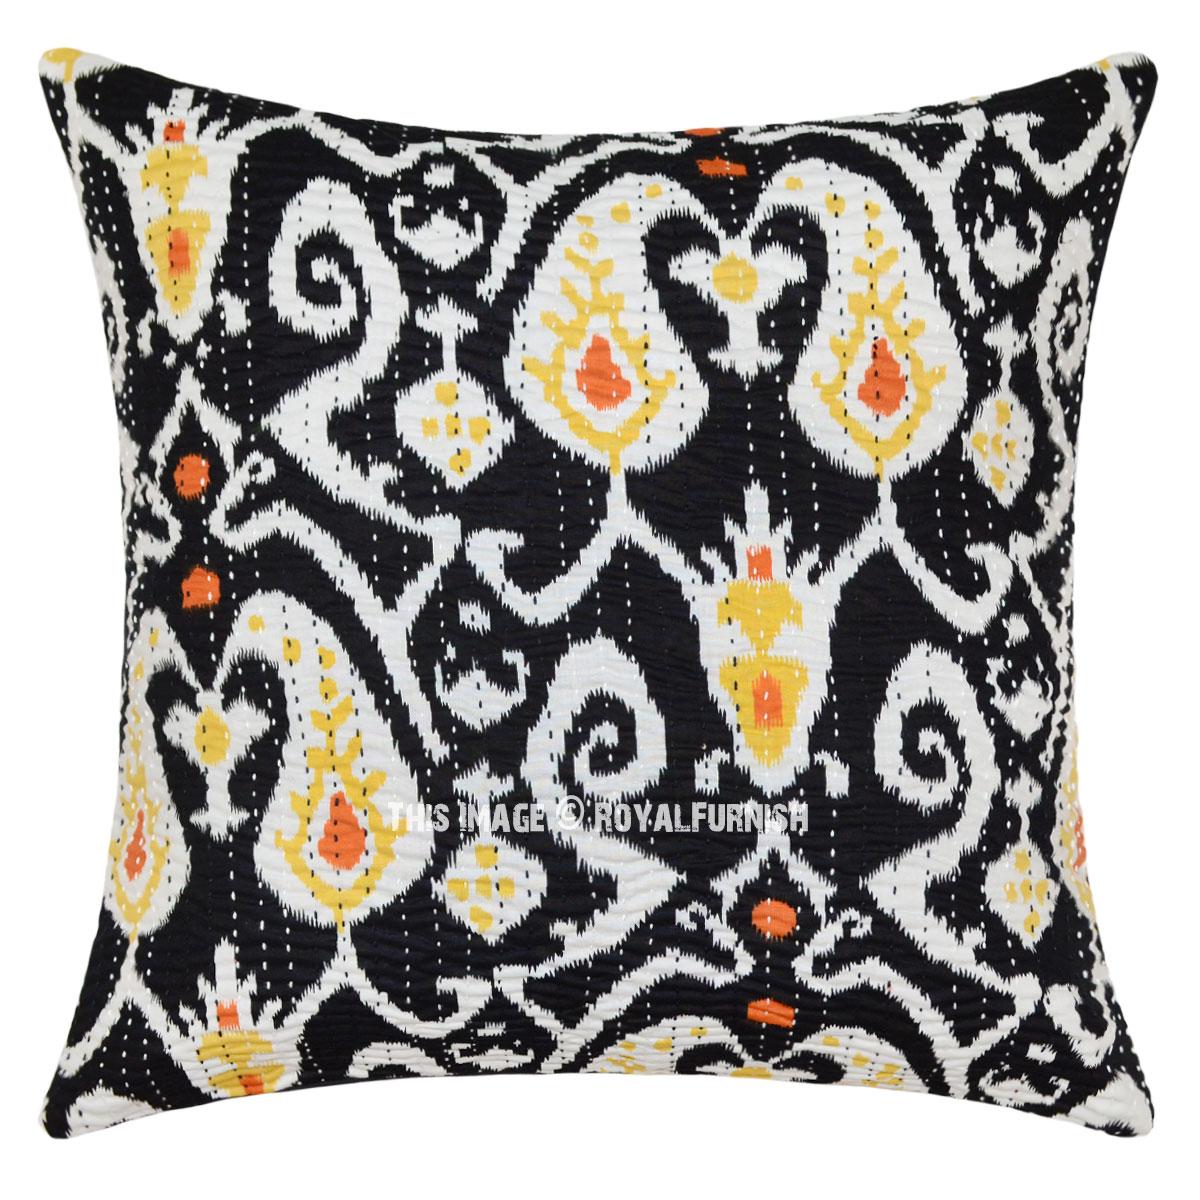 Black Cotton Throw Pillows : 16